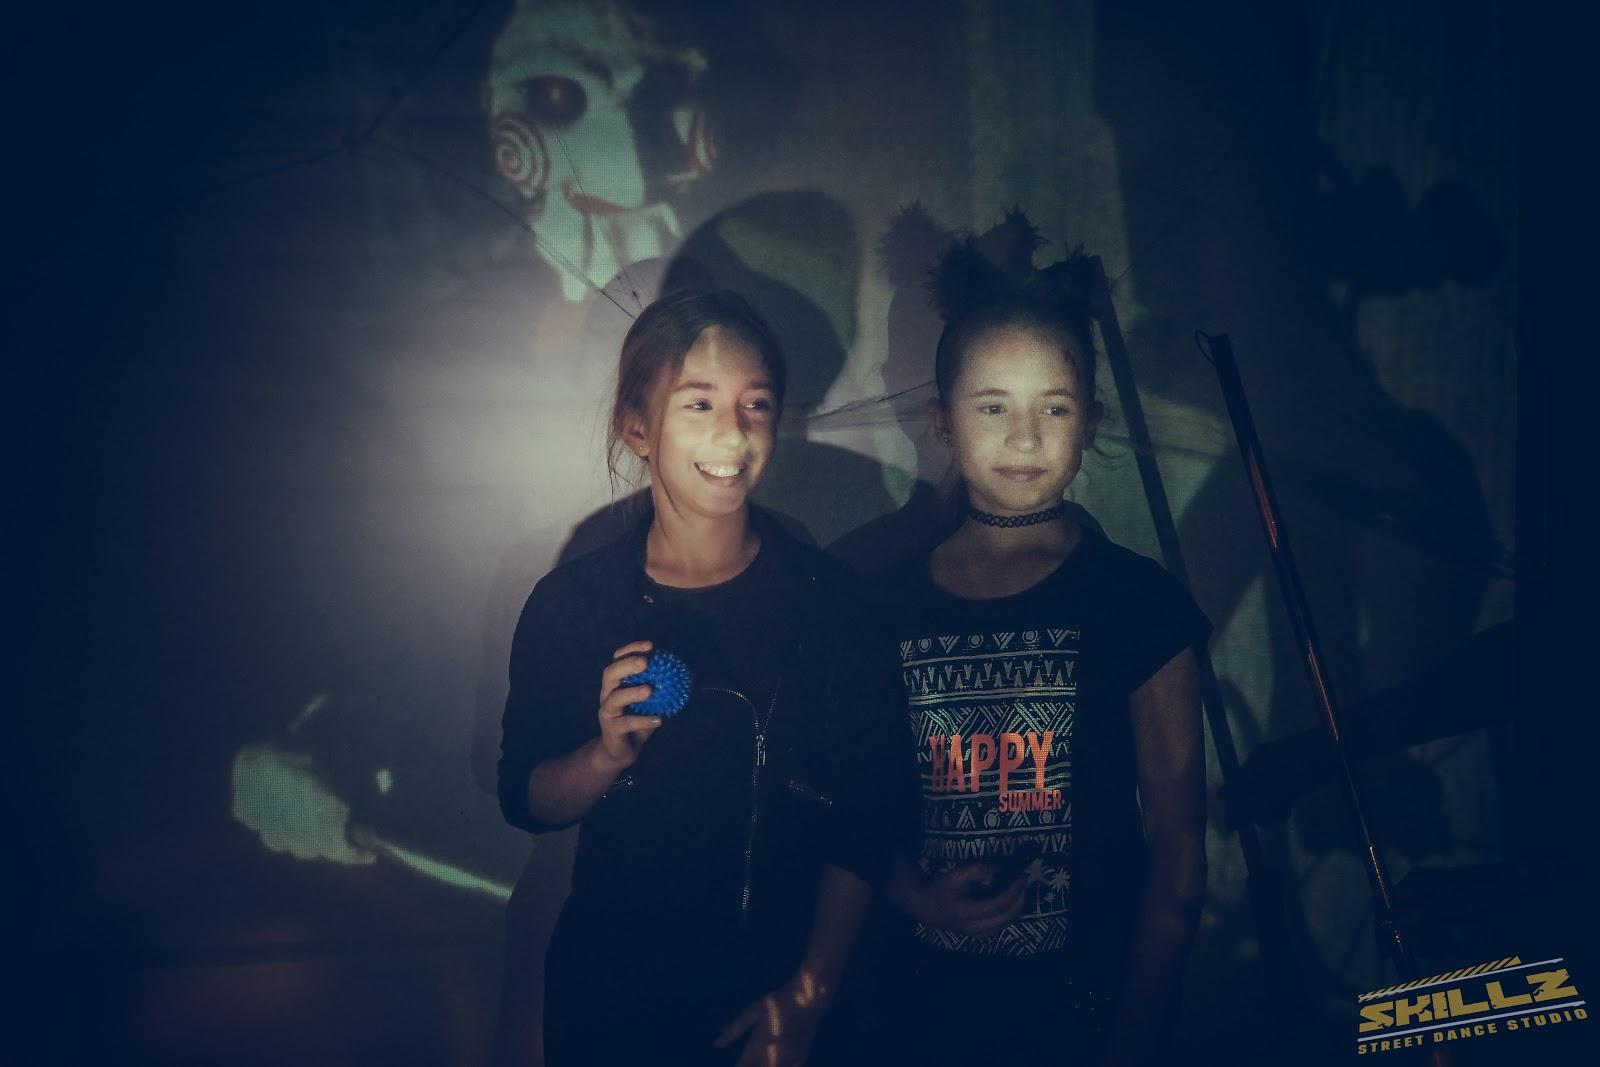 Naujikų krikštynos @SKILLZ (Halloween tema) - PANA1510.jpg